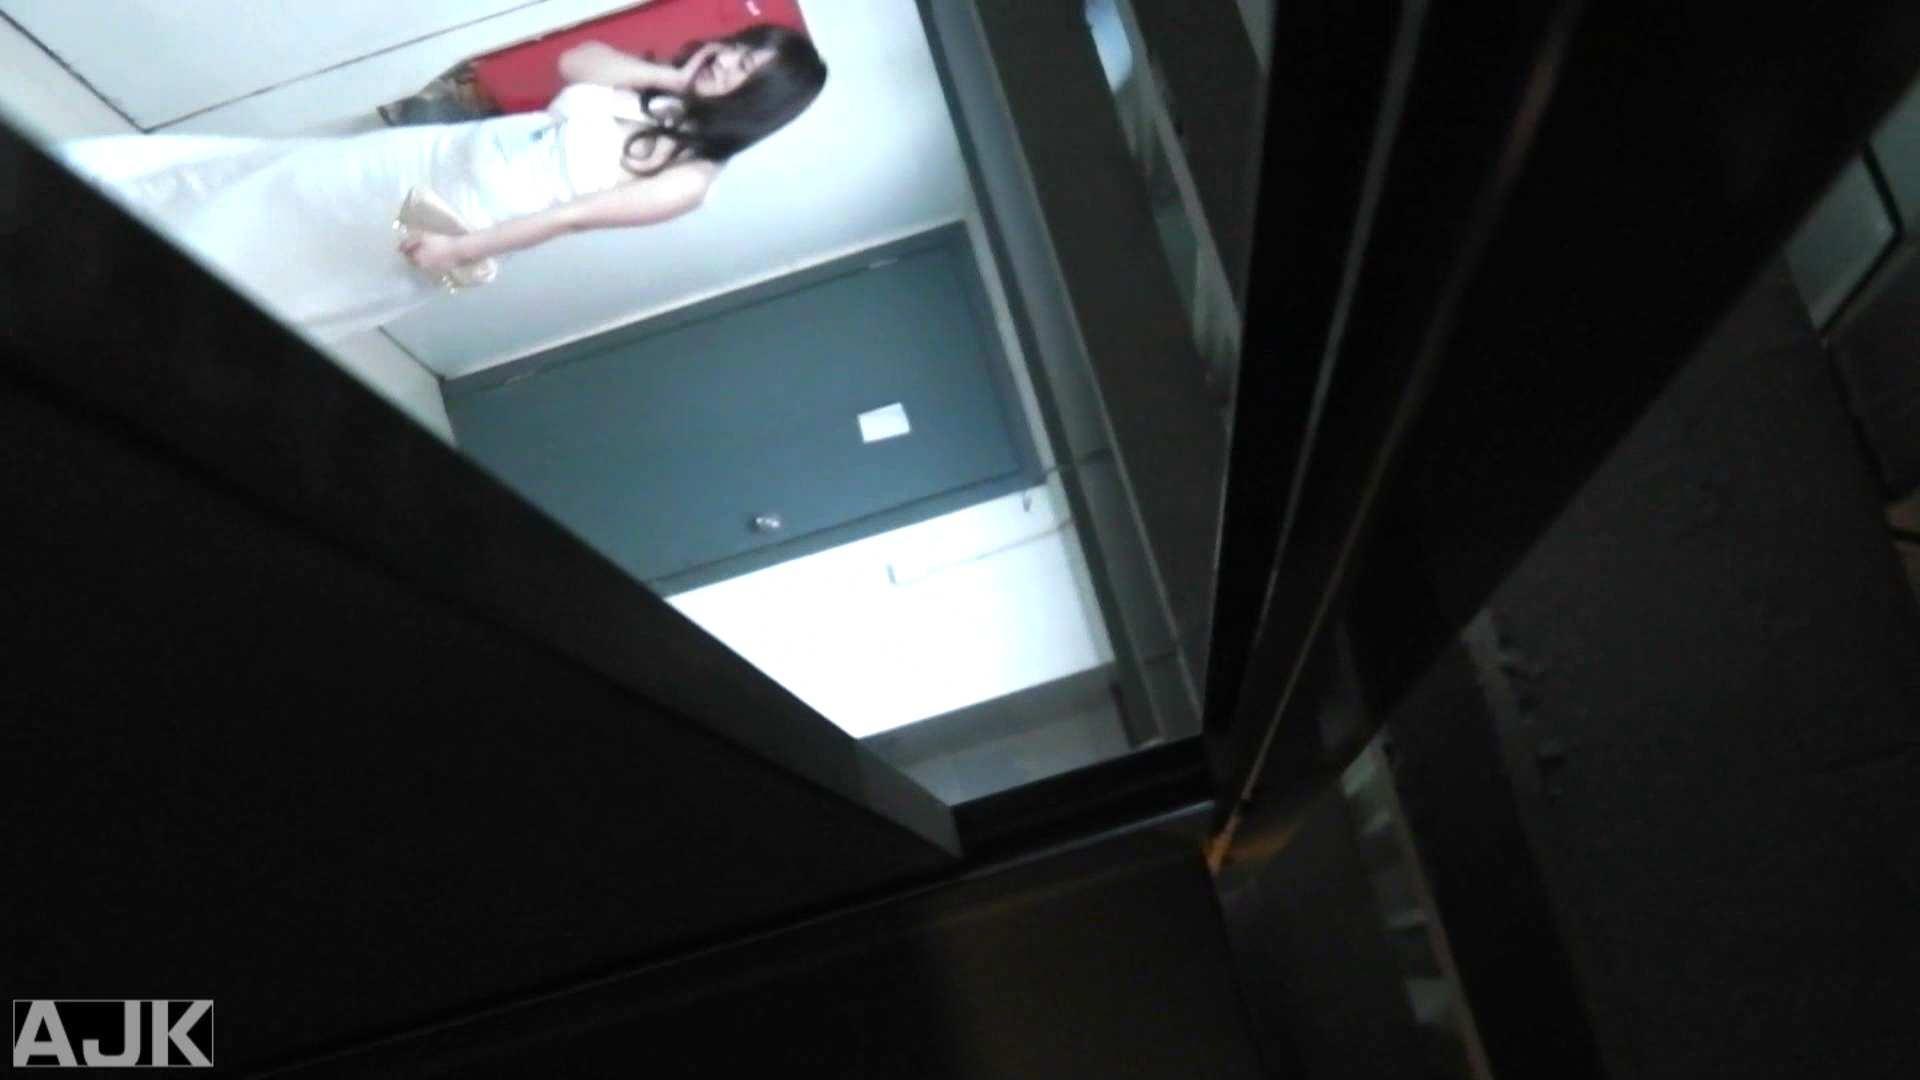 無修正エロ動画:隣国上階級エリアの令嬢たちが集うデパートお手洗い Vol.25:怪盗ジョーカー